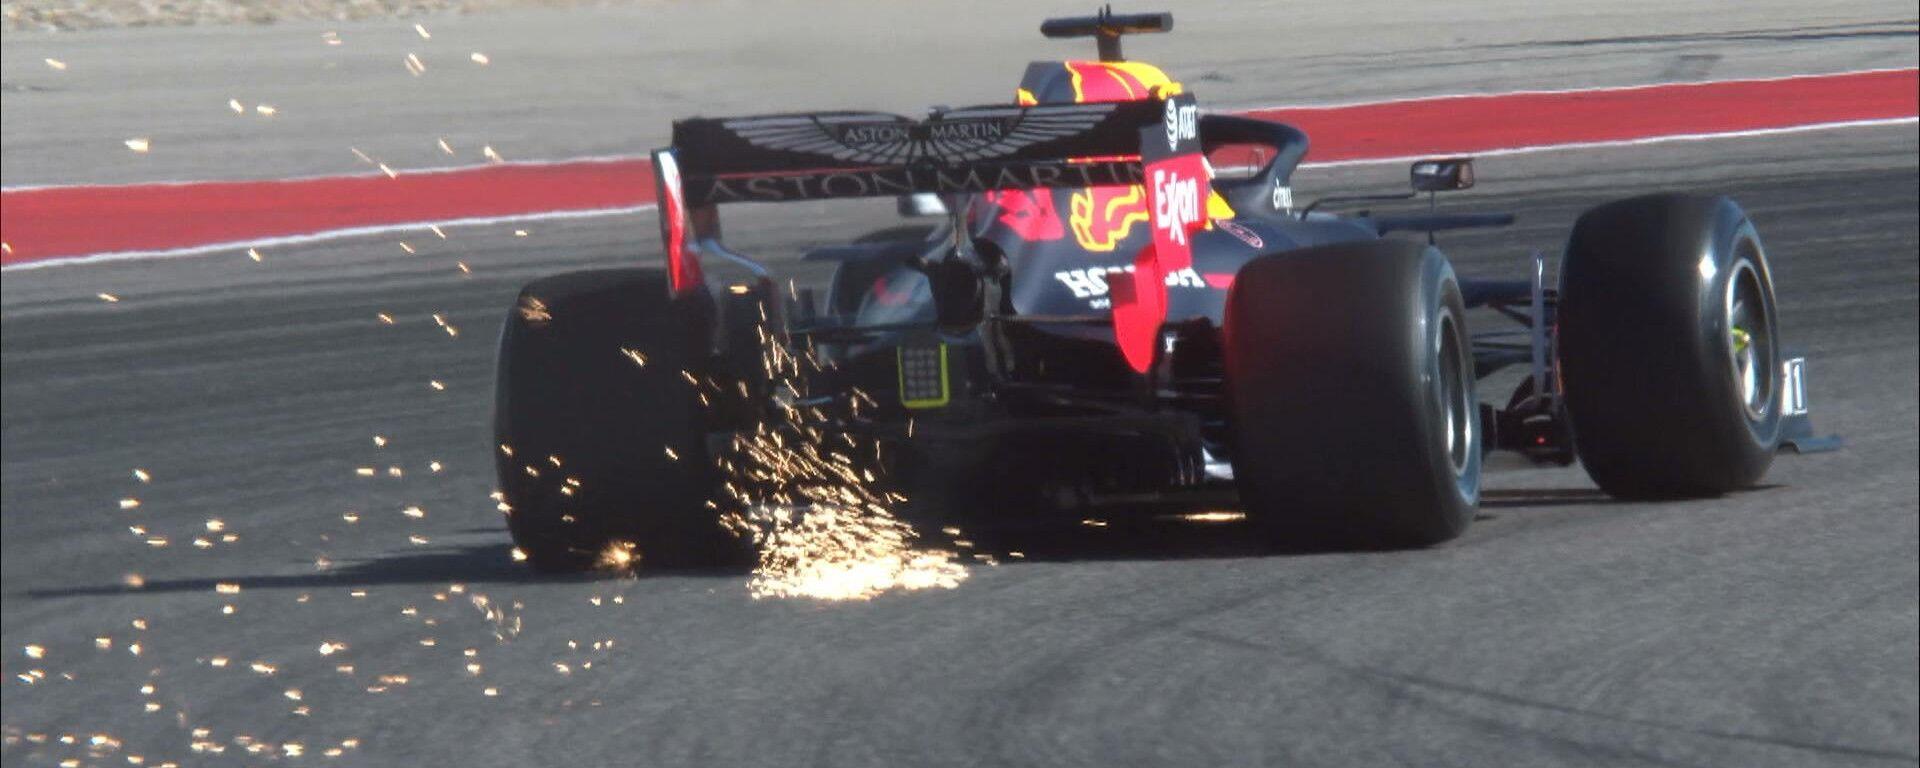 GP Usa 2019, Prove Libere 1: Verstappen 1°, poi Vettel e Albon